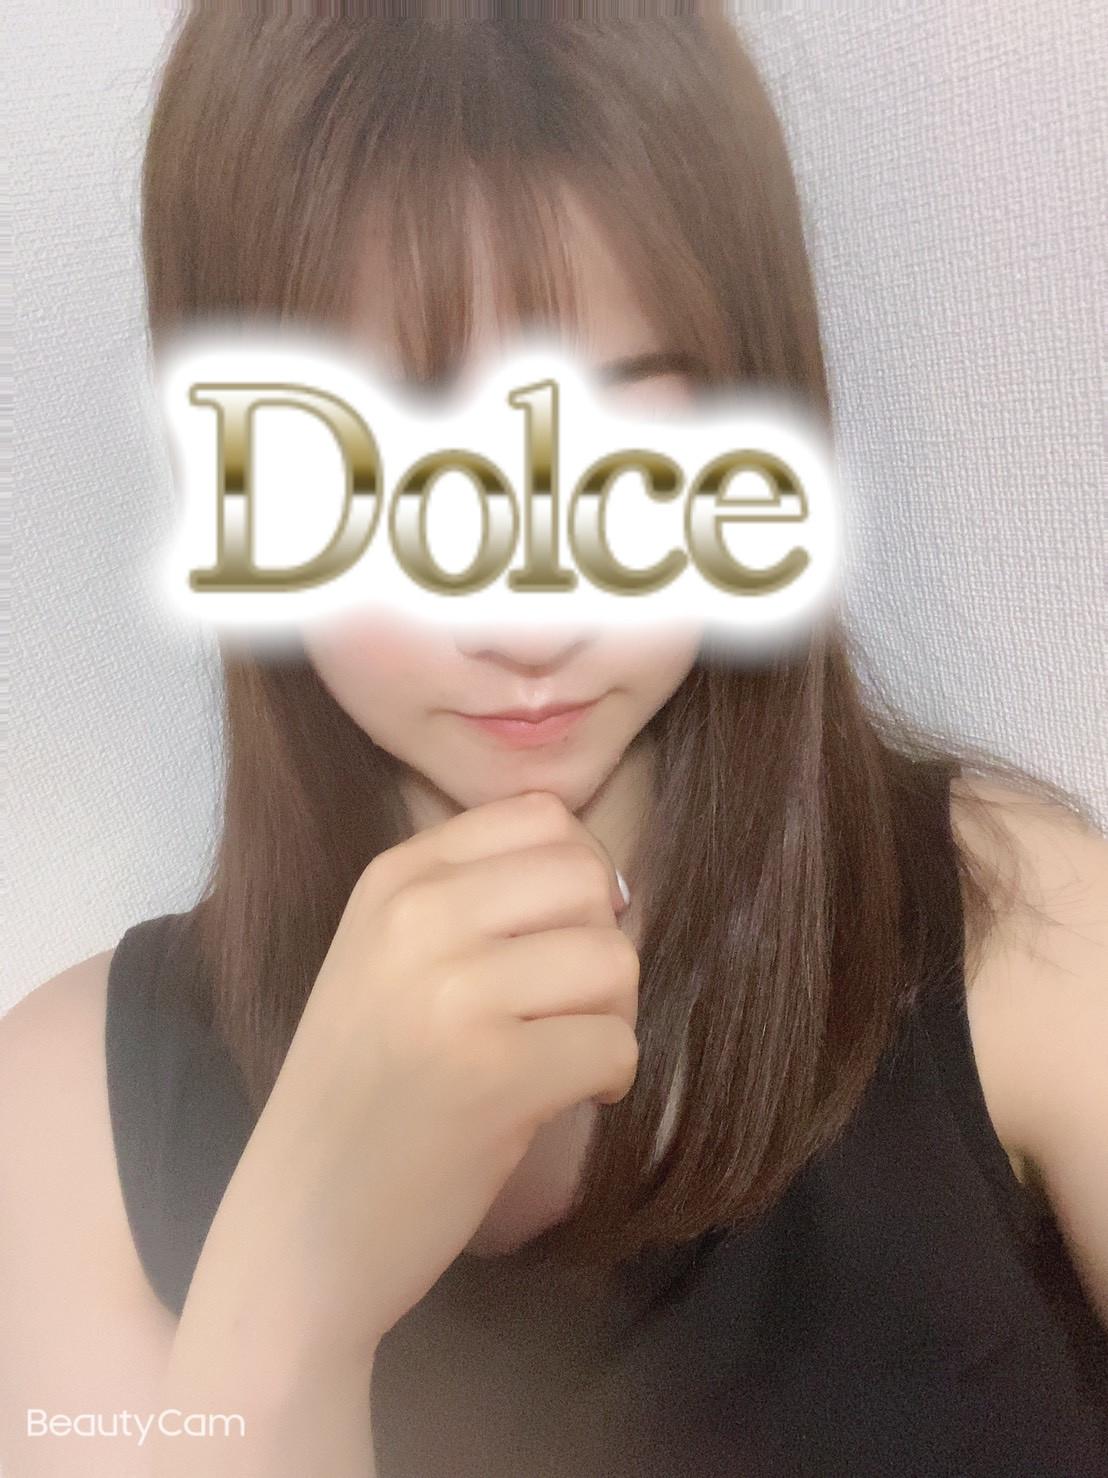 【AROMA DOLCE(アロマドルチェ)】神谷 ゆう